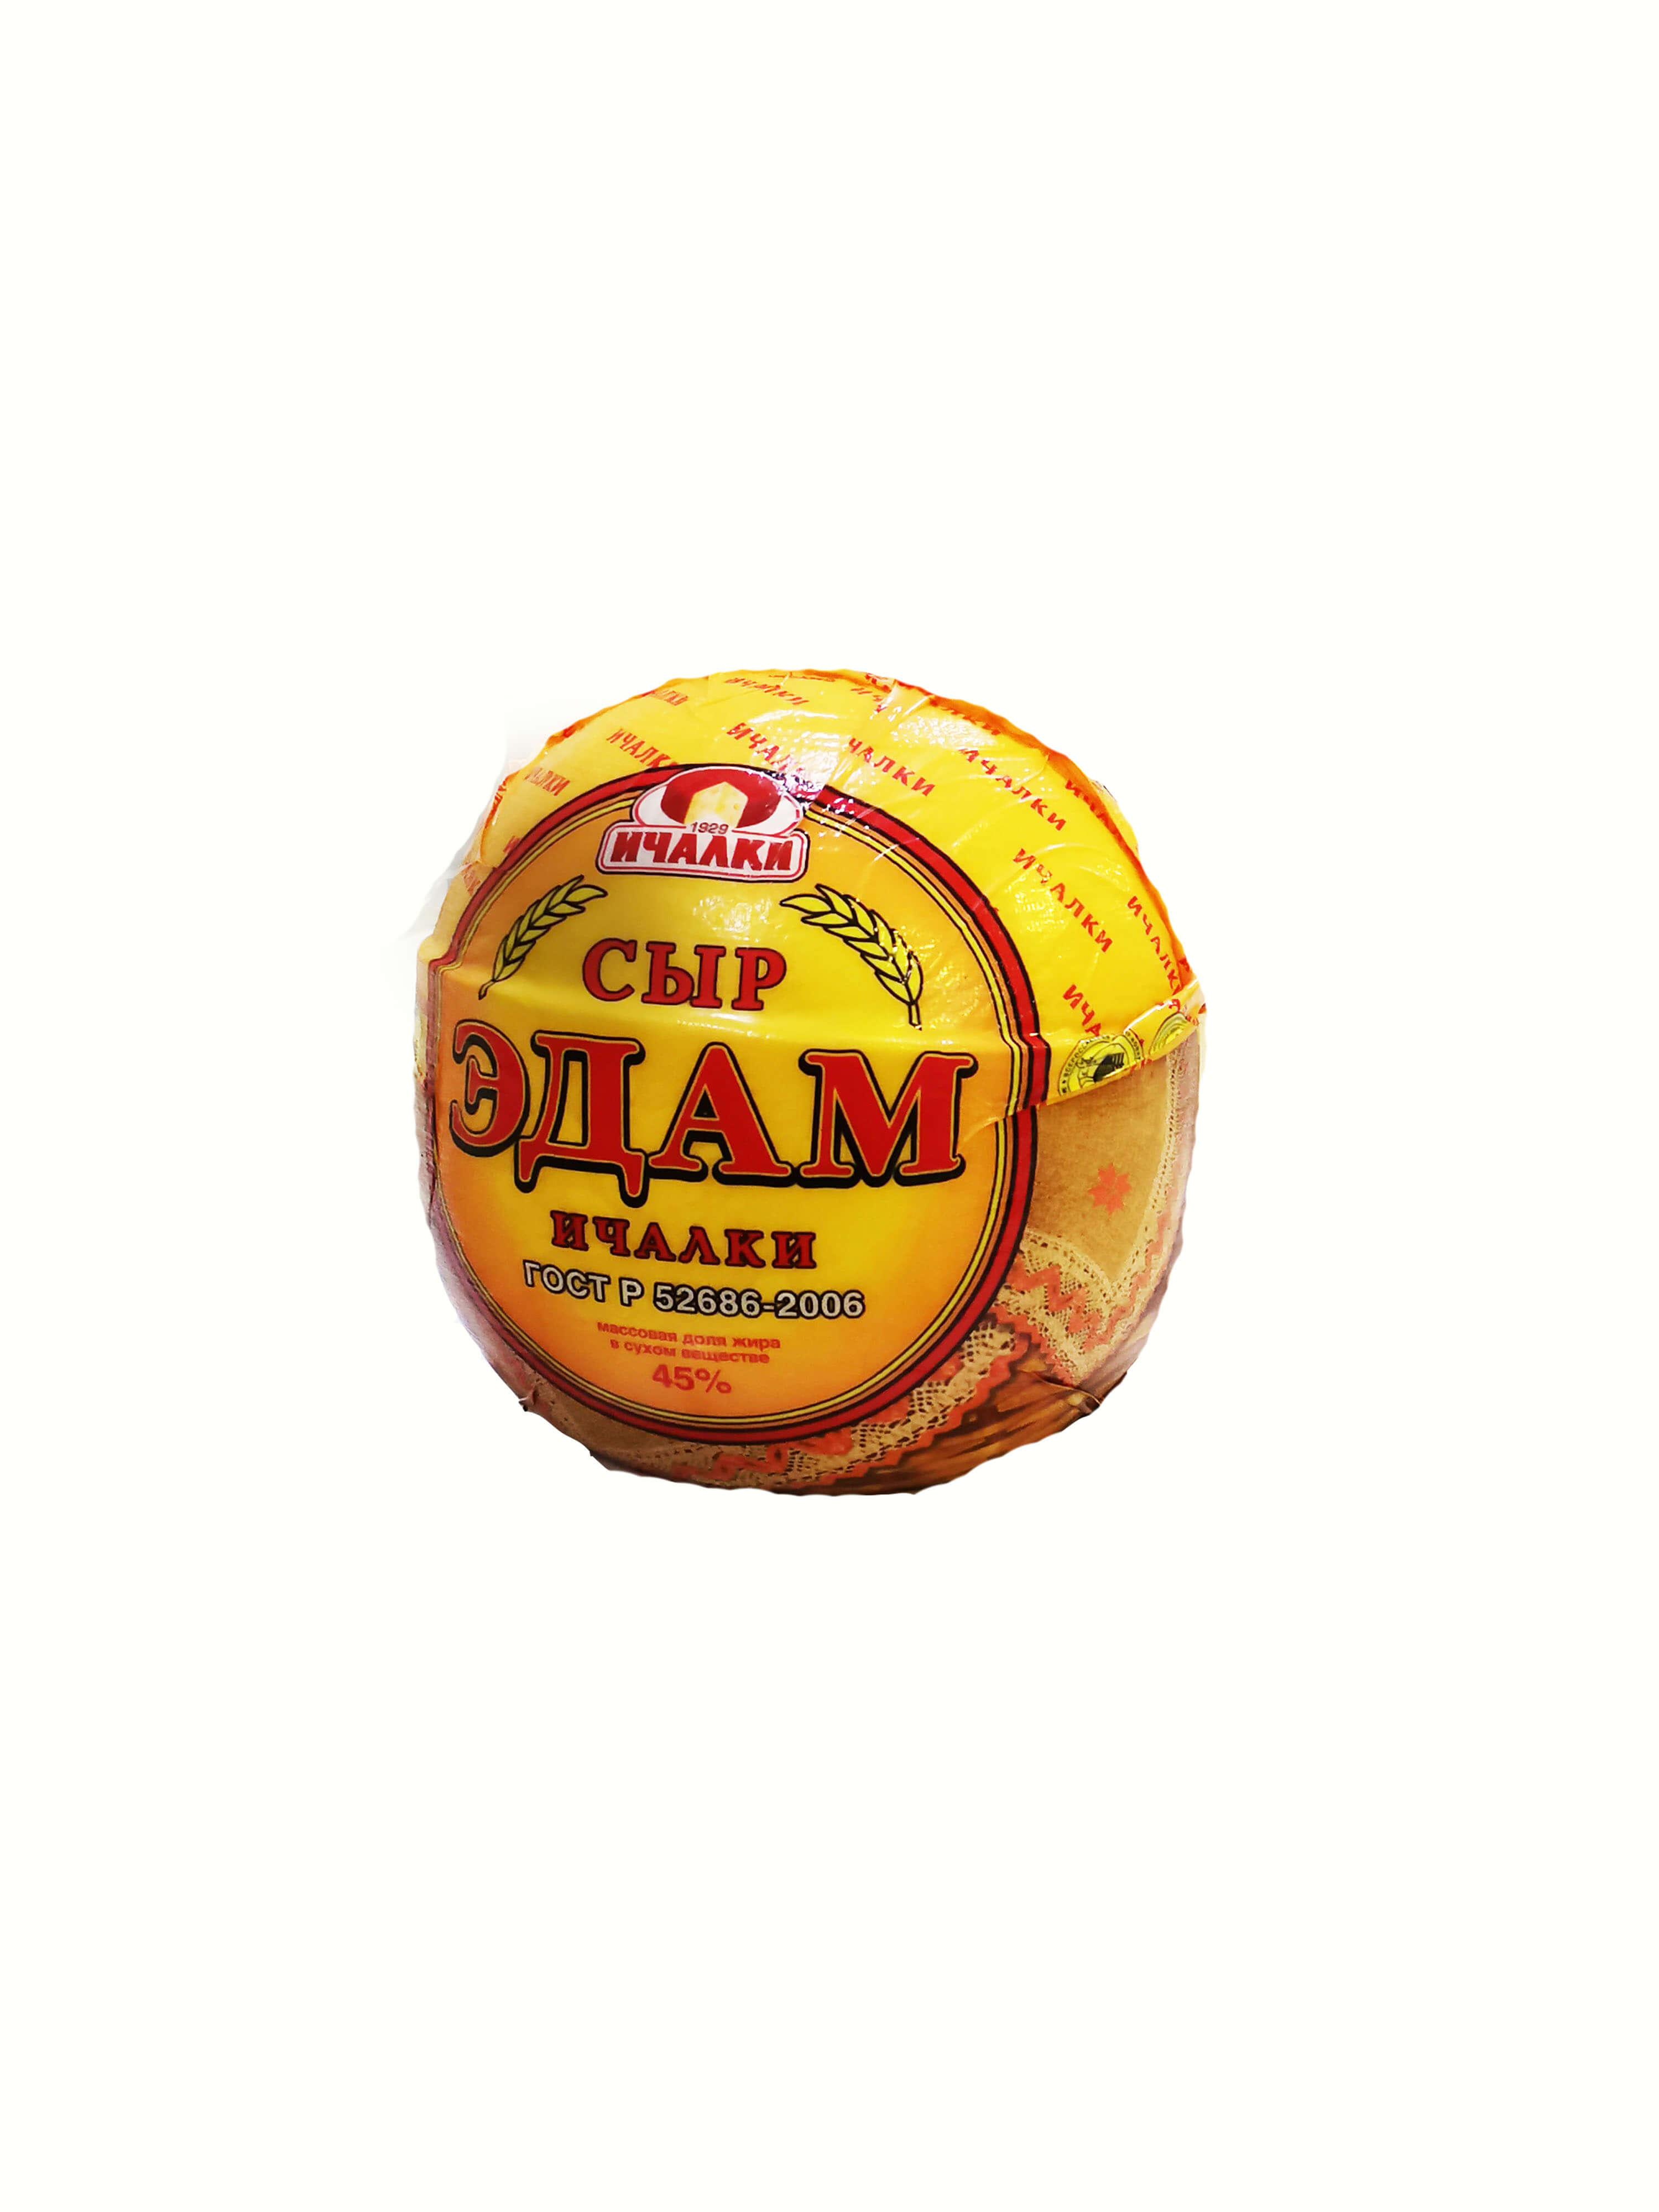 Эдам (Ичалки) шар 1,8 кг*6 ГОСТ